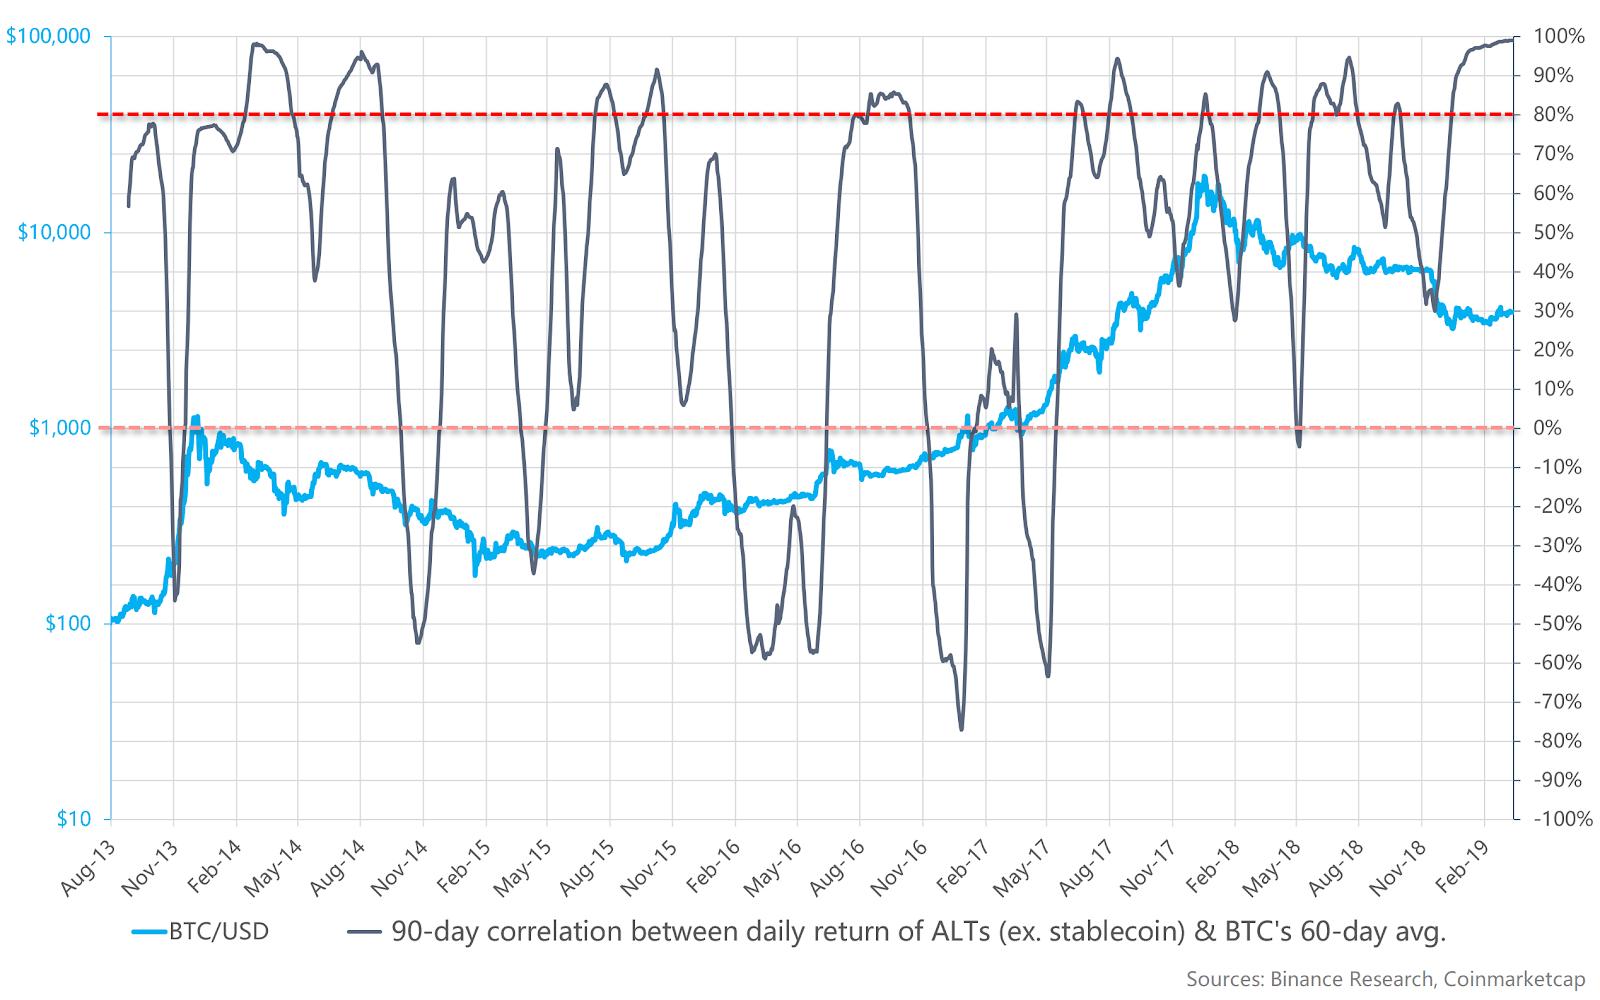 Corrélation sur 90 jours entre les altcoins et le Bitcoin (stablecoins exclus)